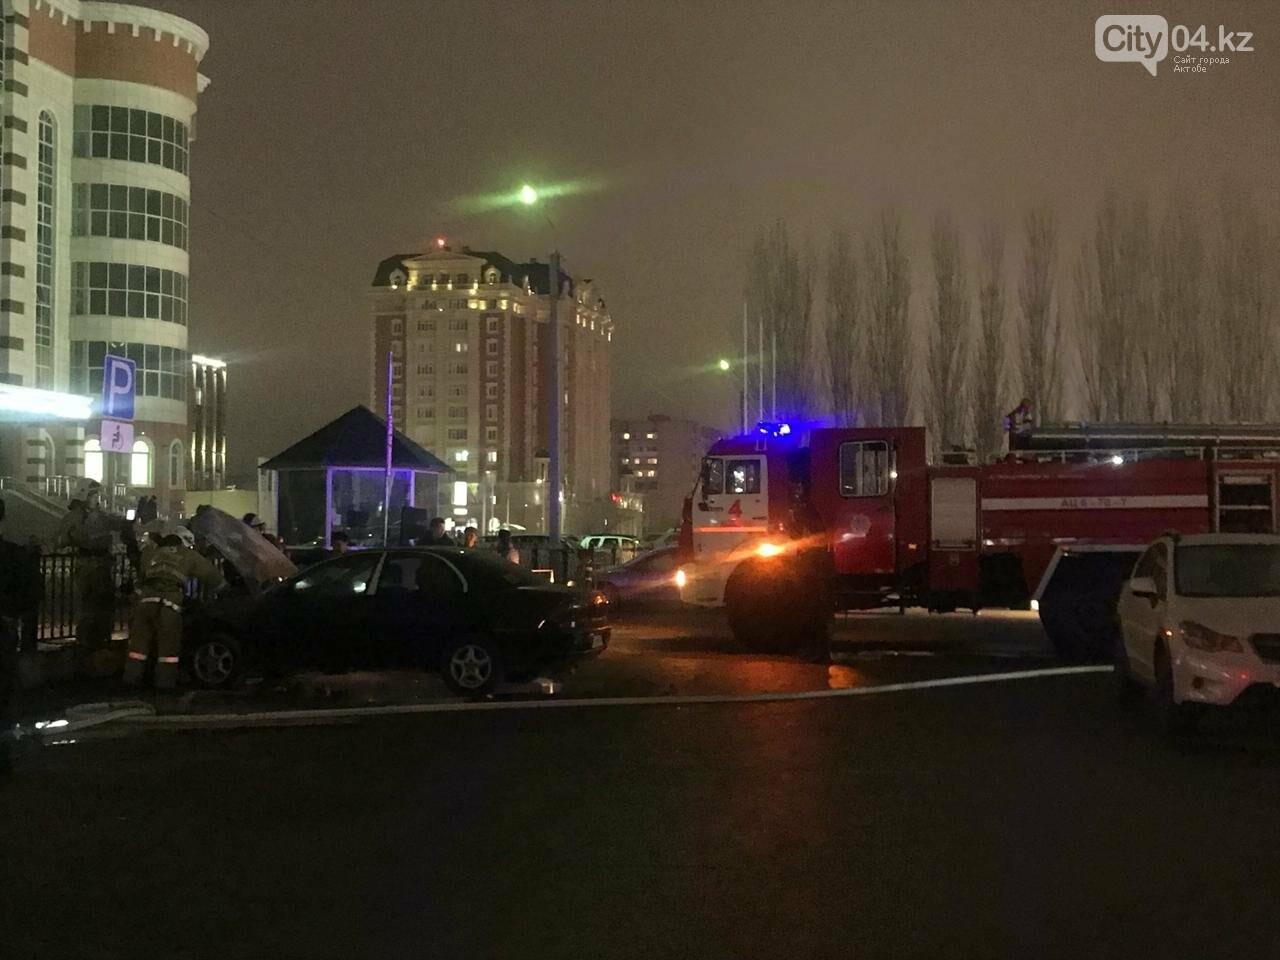 Бдительные прохожие не дали сгореть иномарке возле бизнес-центра в Актобе, фото-1